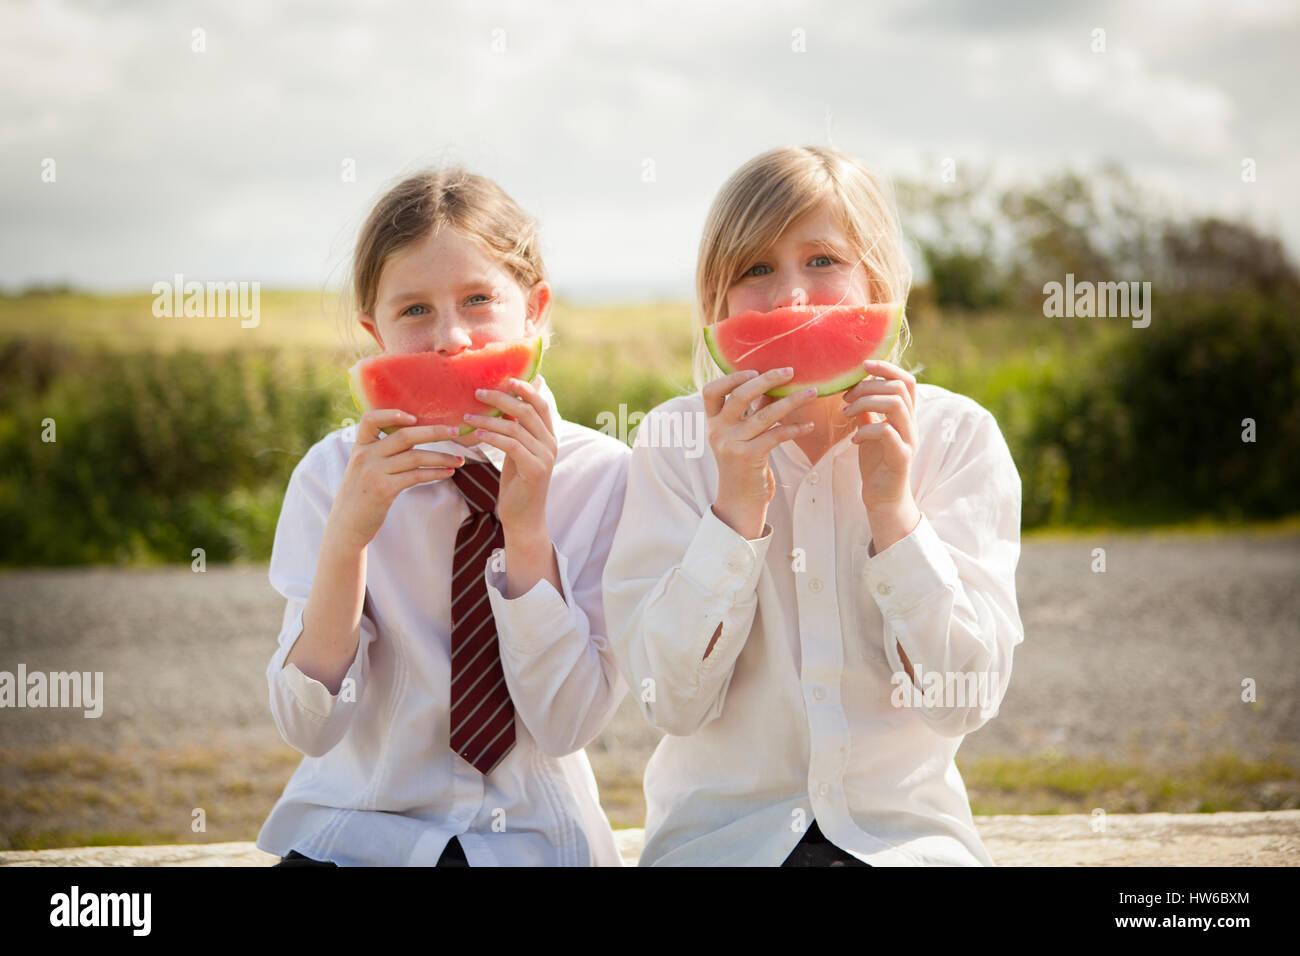 Mädchen, die Wassermelone essen Stockbild